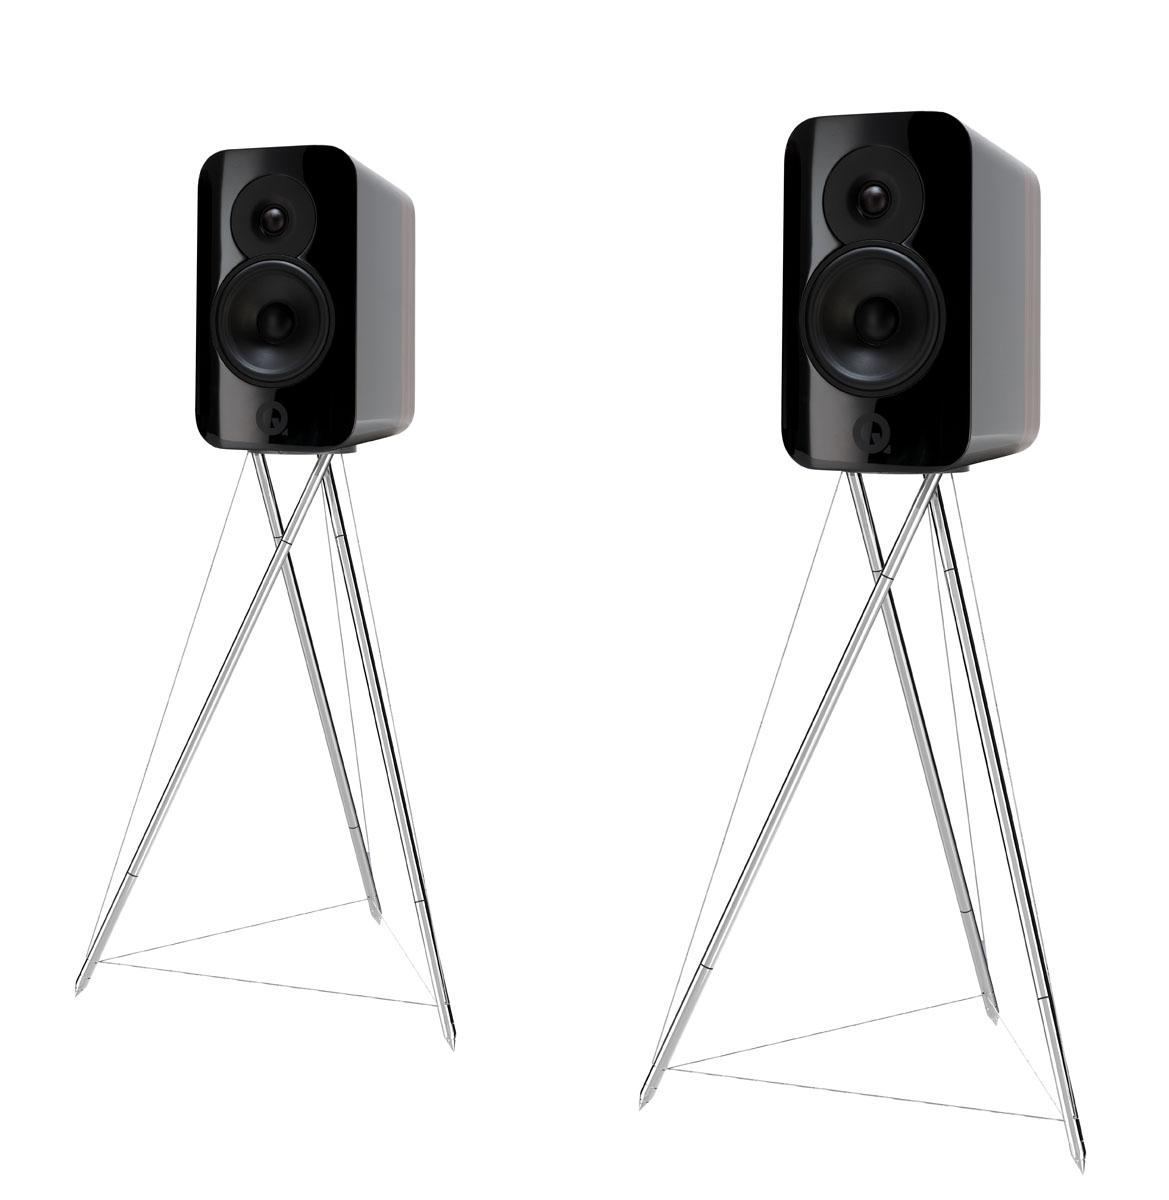 Q-Acoustics Concept 300 Kompakt-Lautsprecher incl. Ständer (silber) hochglanz schwarz bicolor